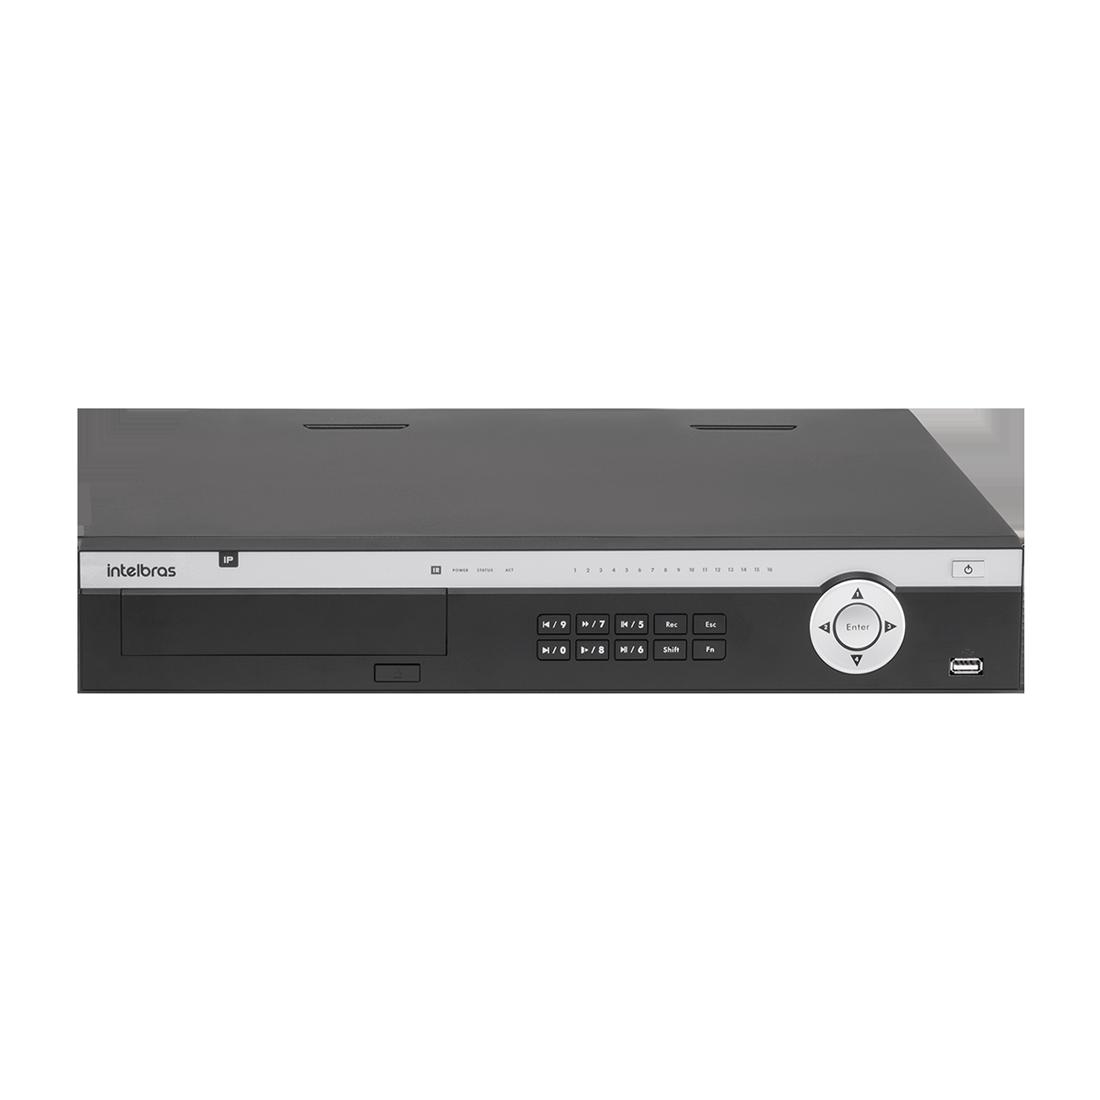 NVD 5124 C/ HD 6TB - GRAV. DIG. DE VÍDEO EM REDE PARA ATÉ 24 CANAIS IP EM FULL HD @ 30 FPS, SUPORTA CÂMERA FISHEYE, INTELIGÊNCIA DE VÍDEO EM TODOS OS CANAIS, H.265, SUPORTE PARA 4HDS E SUPORTA CÂMERAS  - Sandercomp Virtual